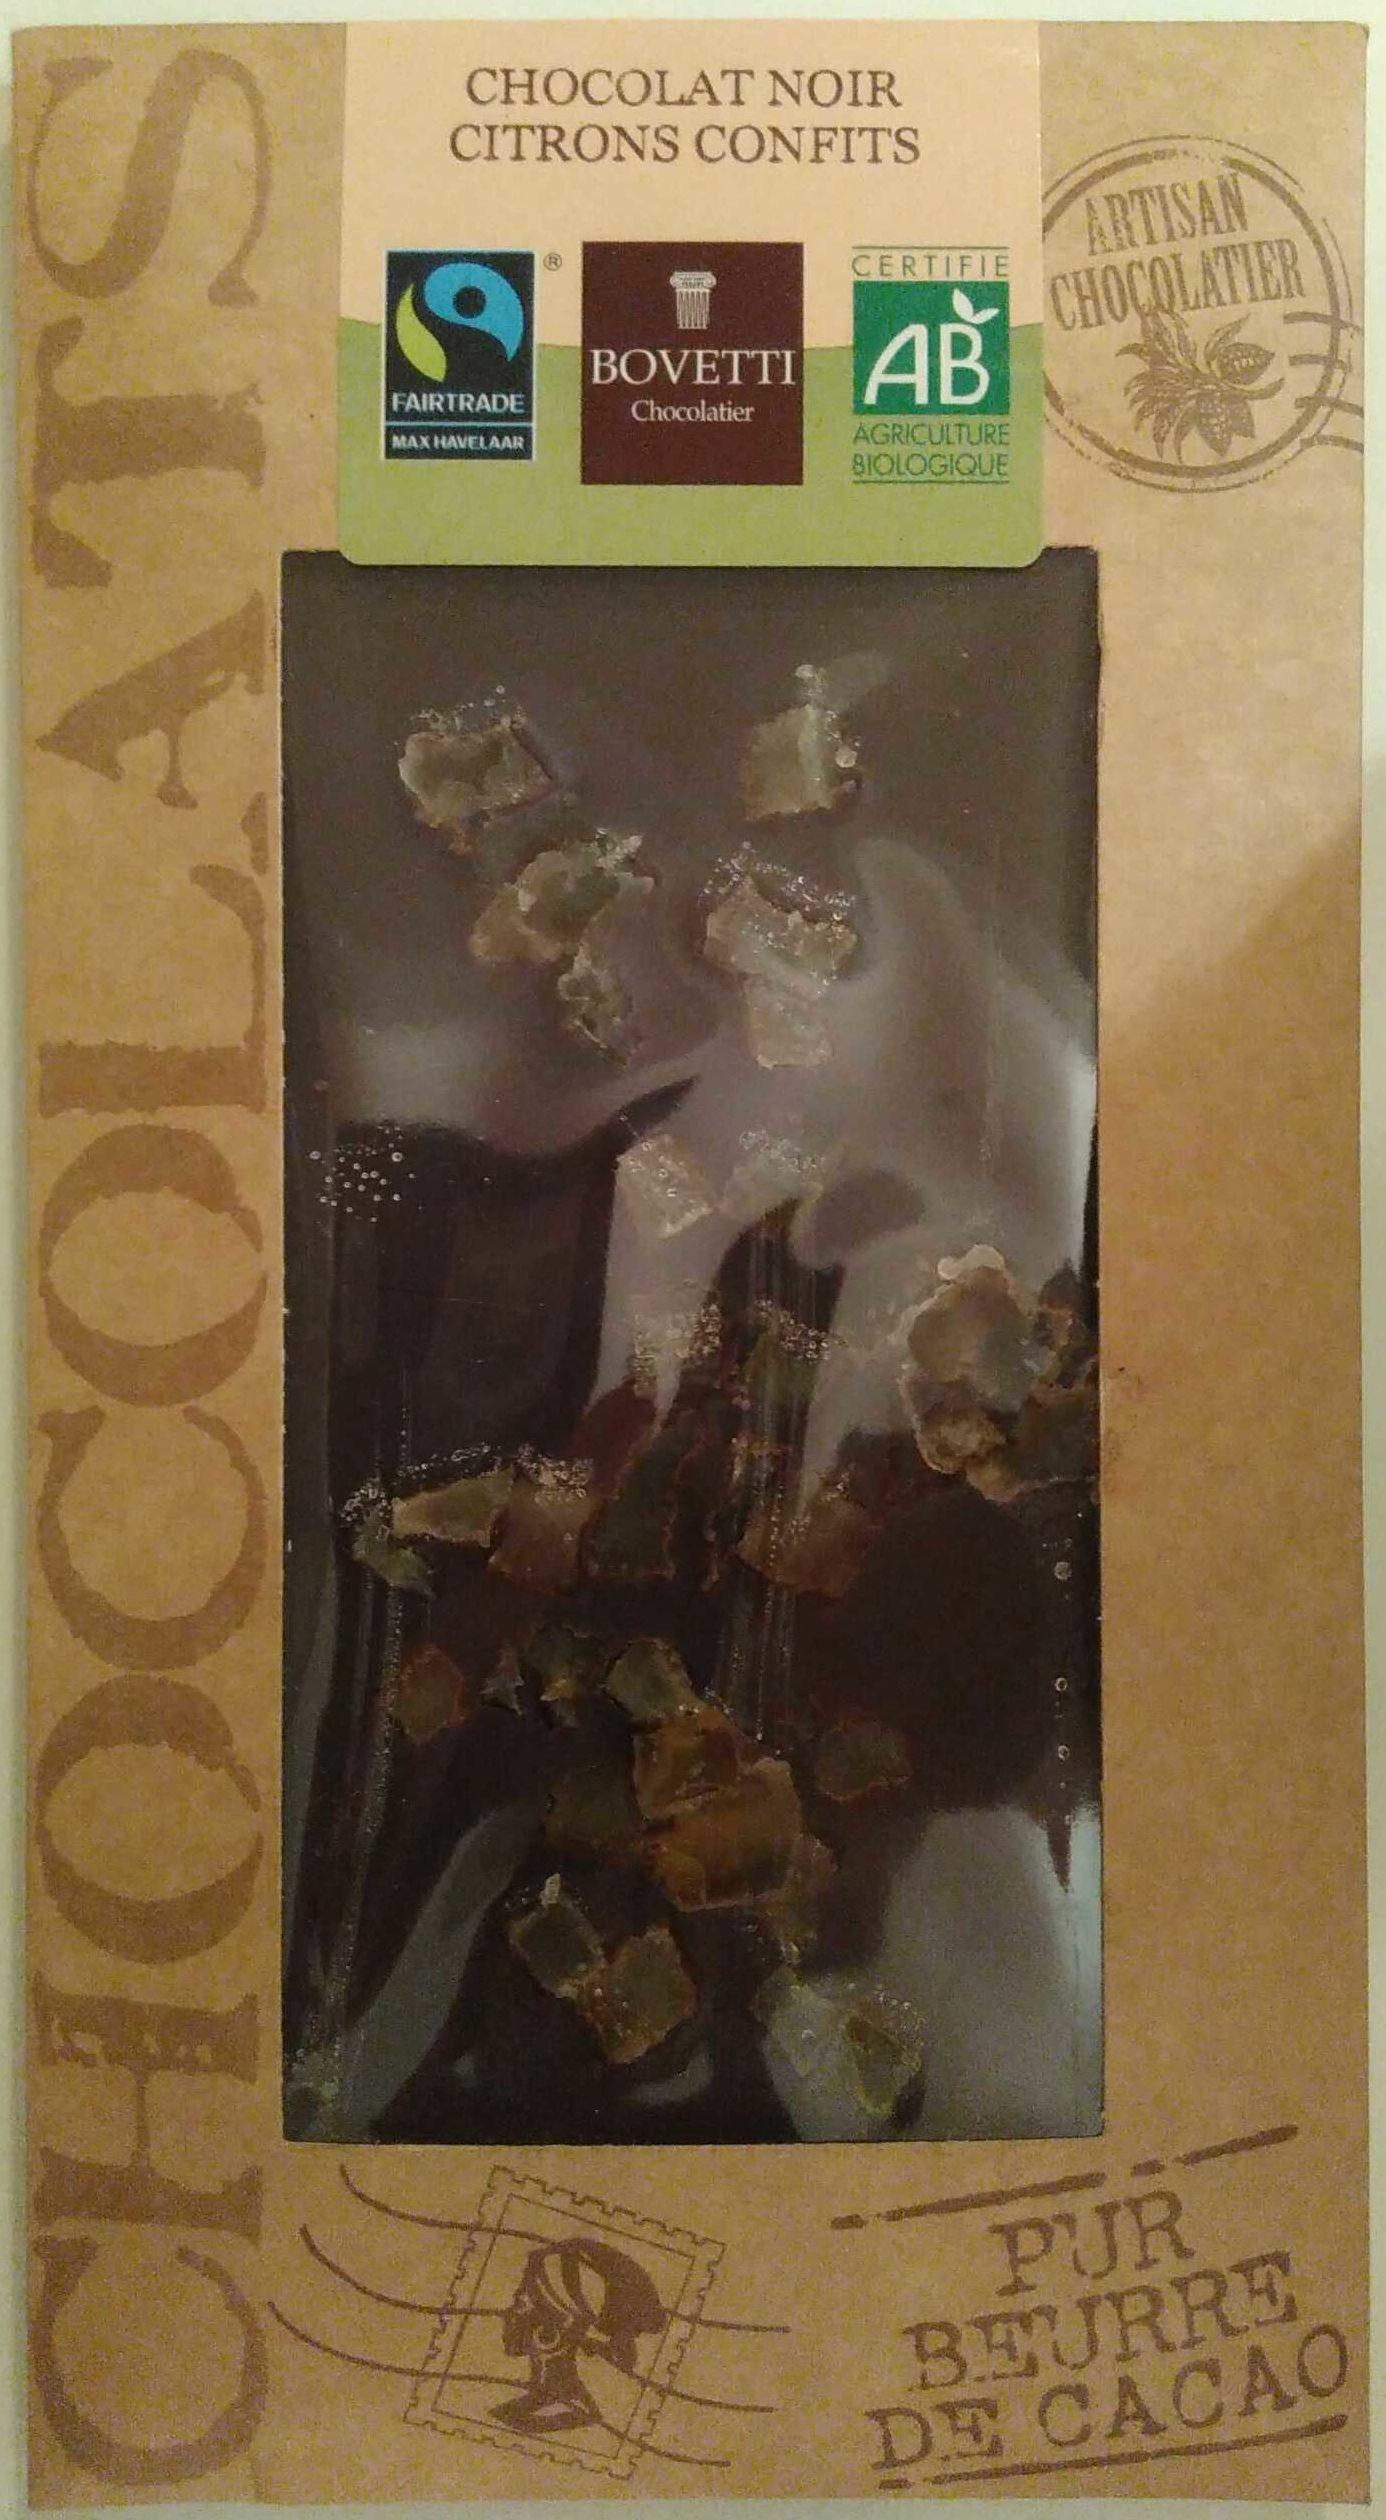 Chocolat noir citrons confits - Product